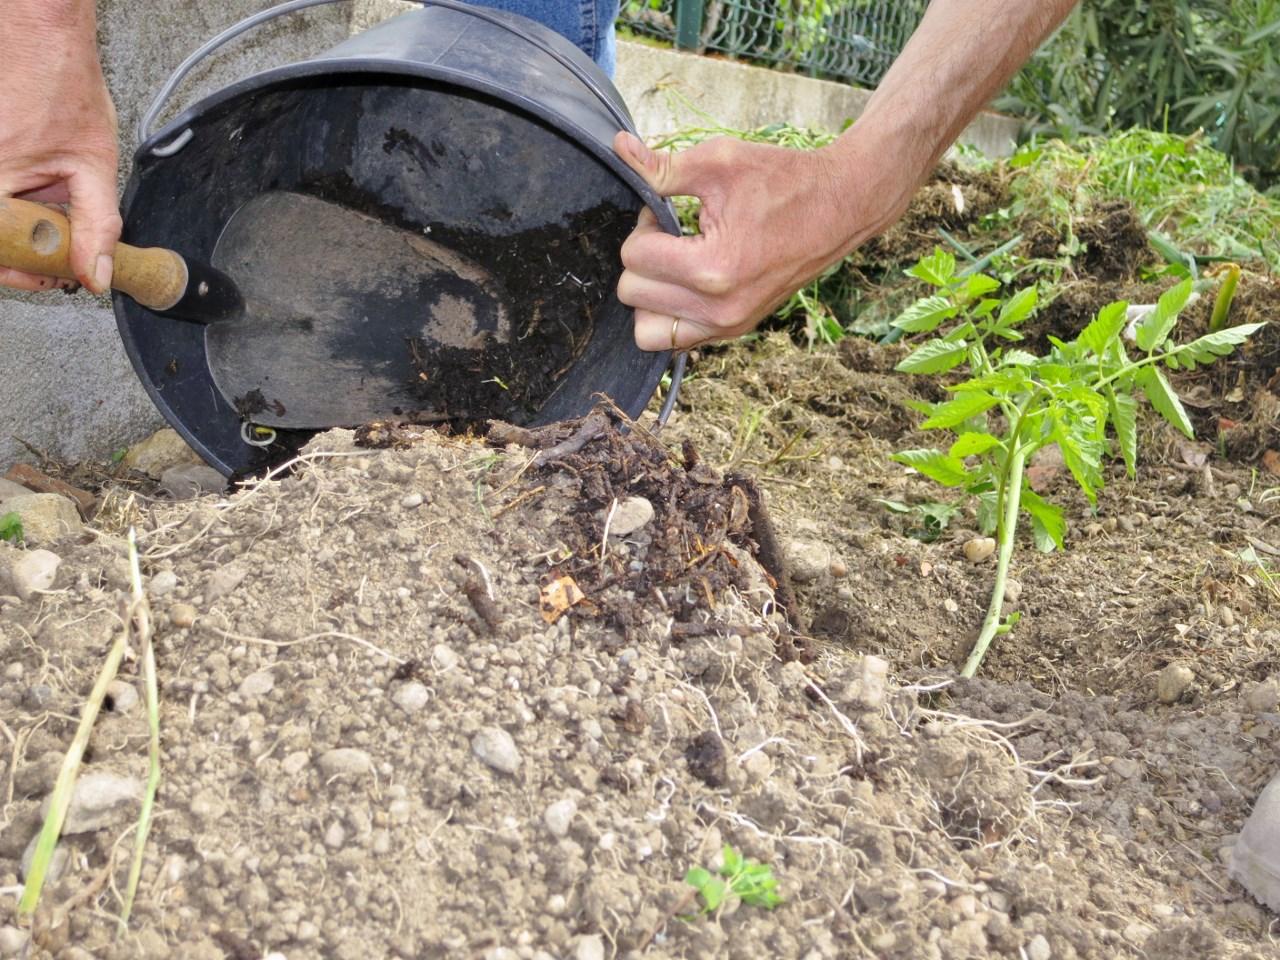 Comment faire pousser des tomates dans une terre pauvre argileuse et caillouteuse - Comment faire partir des abeilles de terre ...